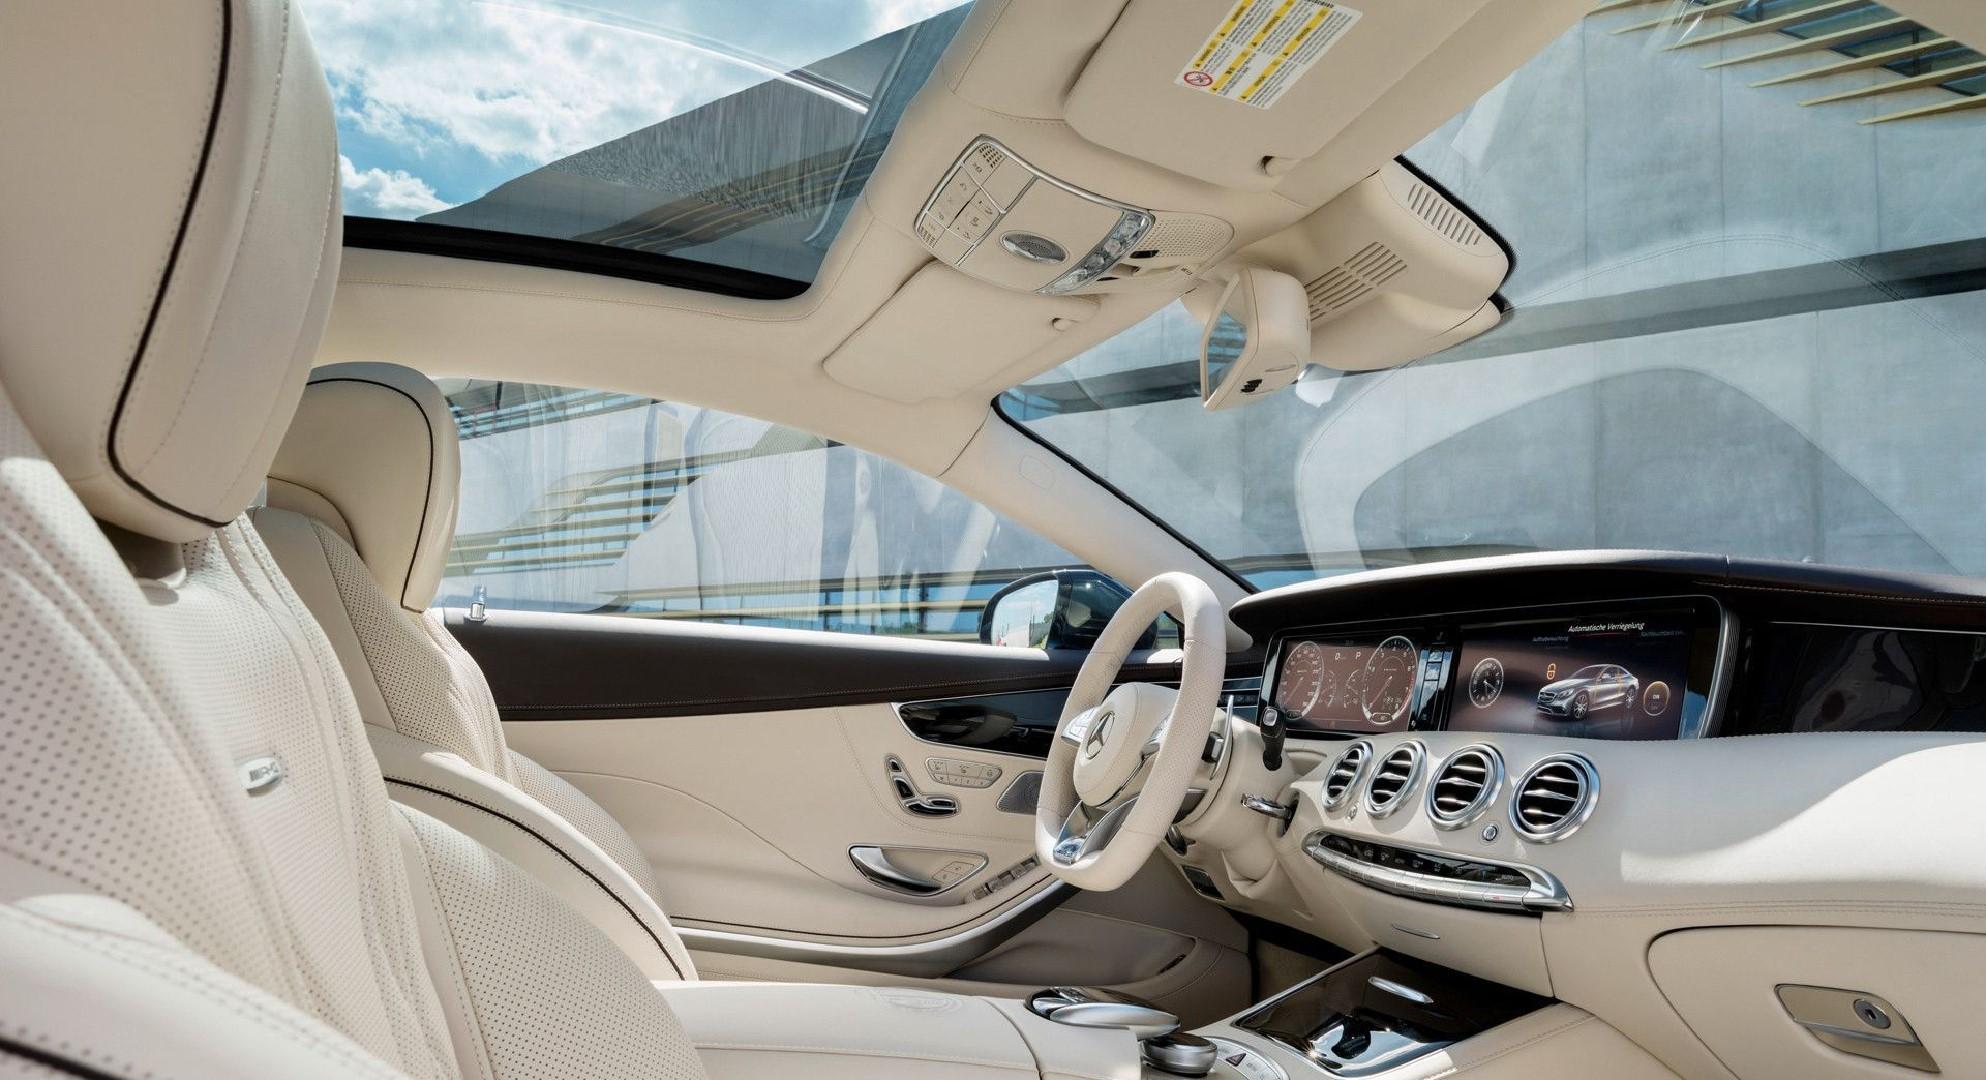 Mercedes Benz S65 AMG Desktop Wallpapers